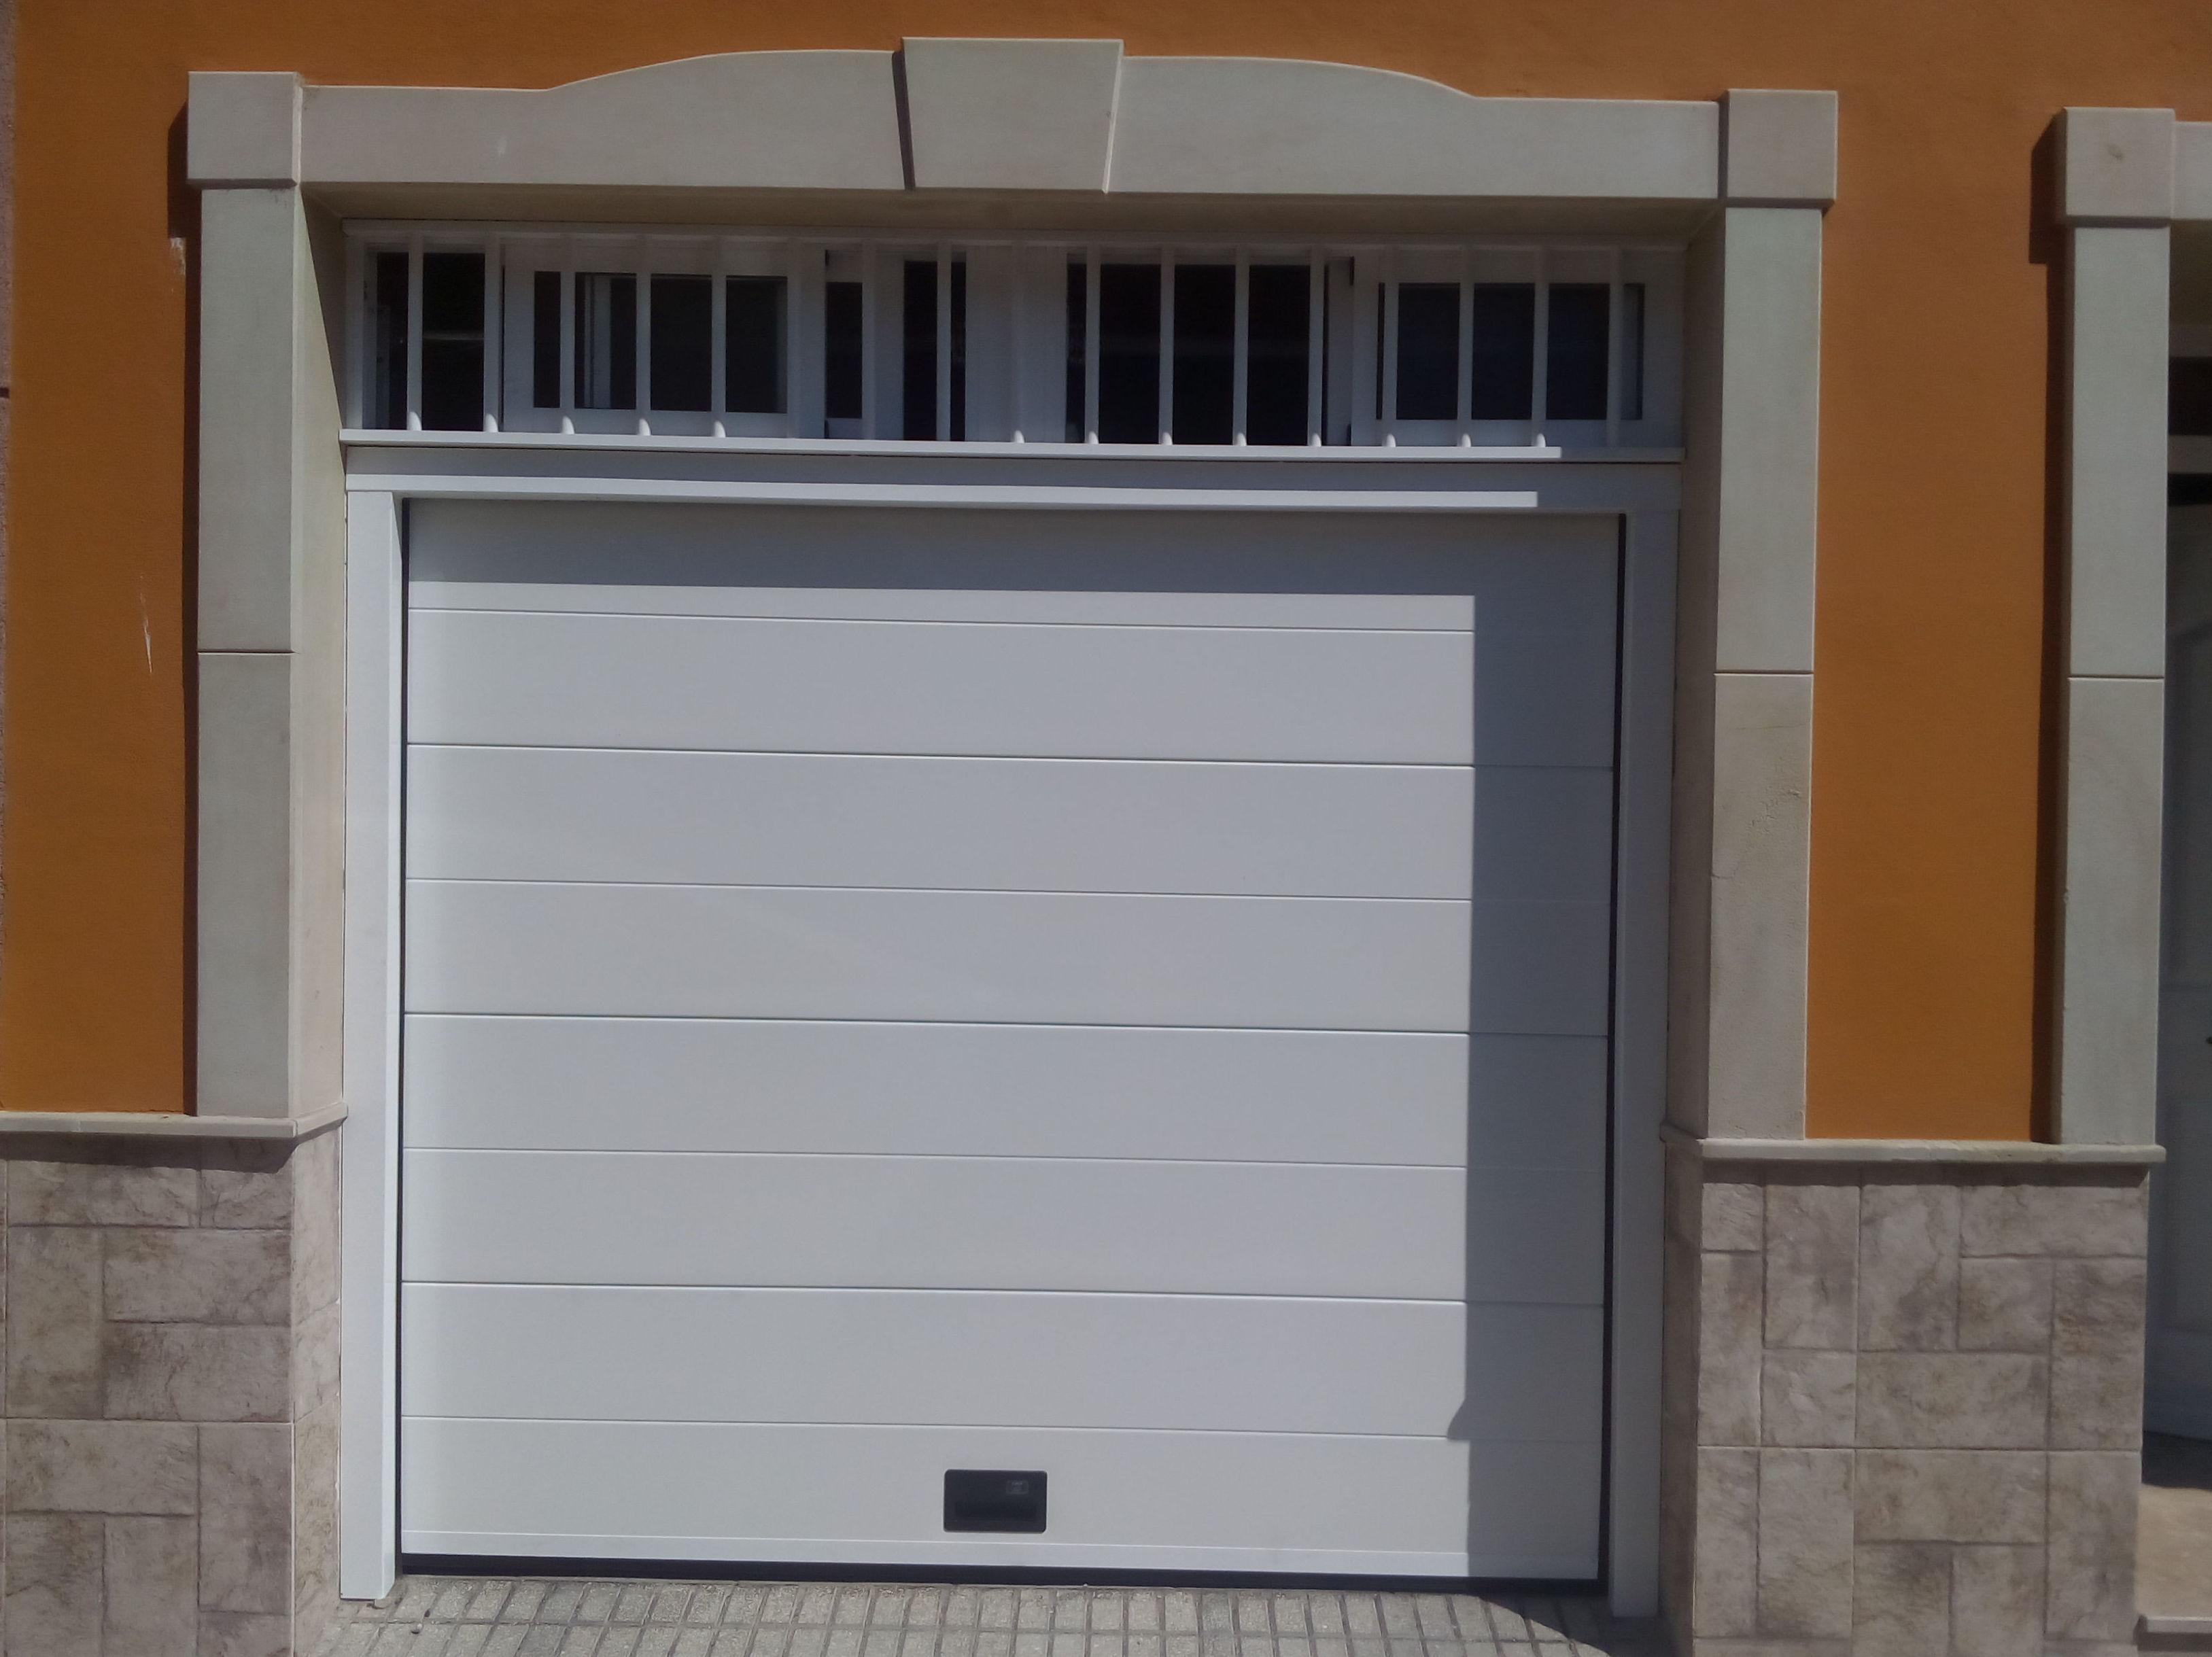 Puerta seccional panel liso de un canal marco forrado mismo color